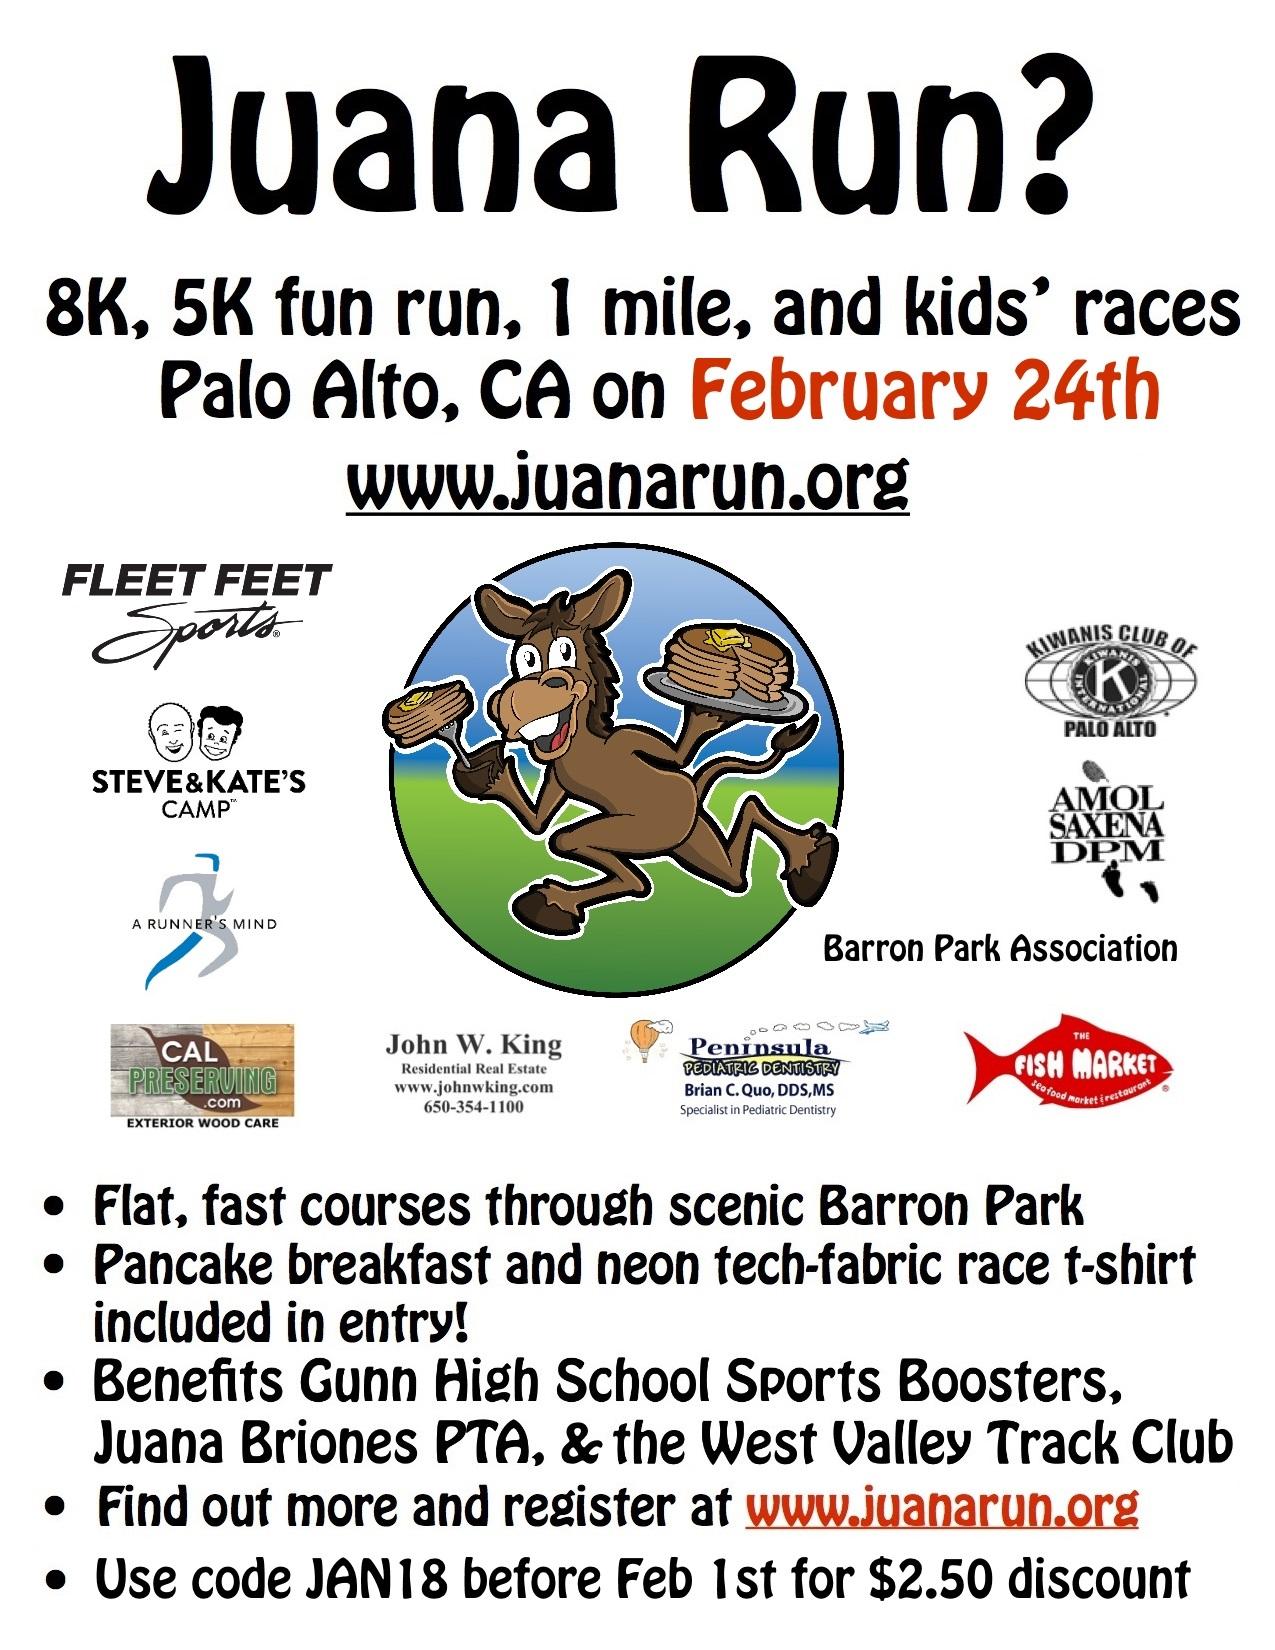 Juana Run? Volunteers Needed